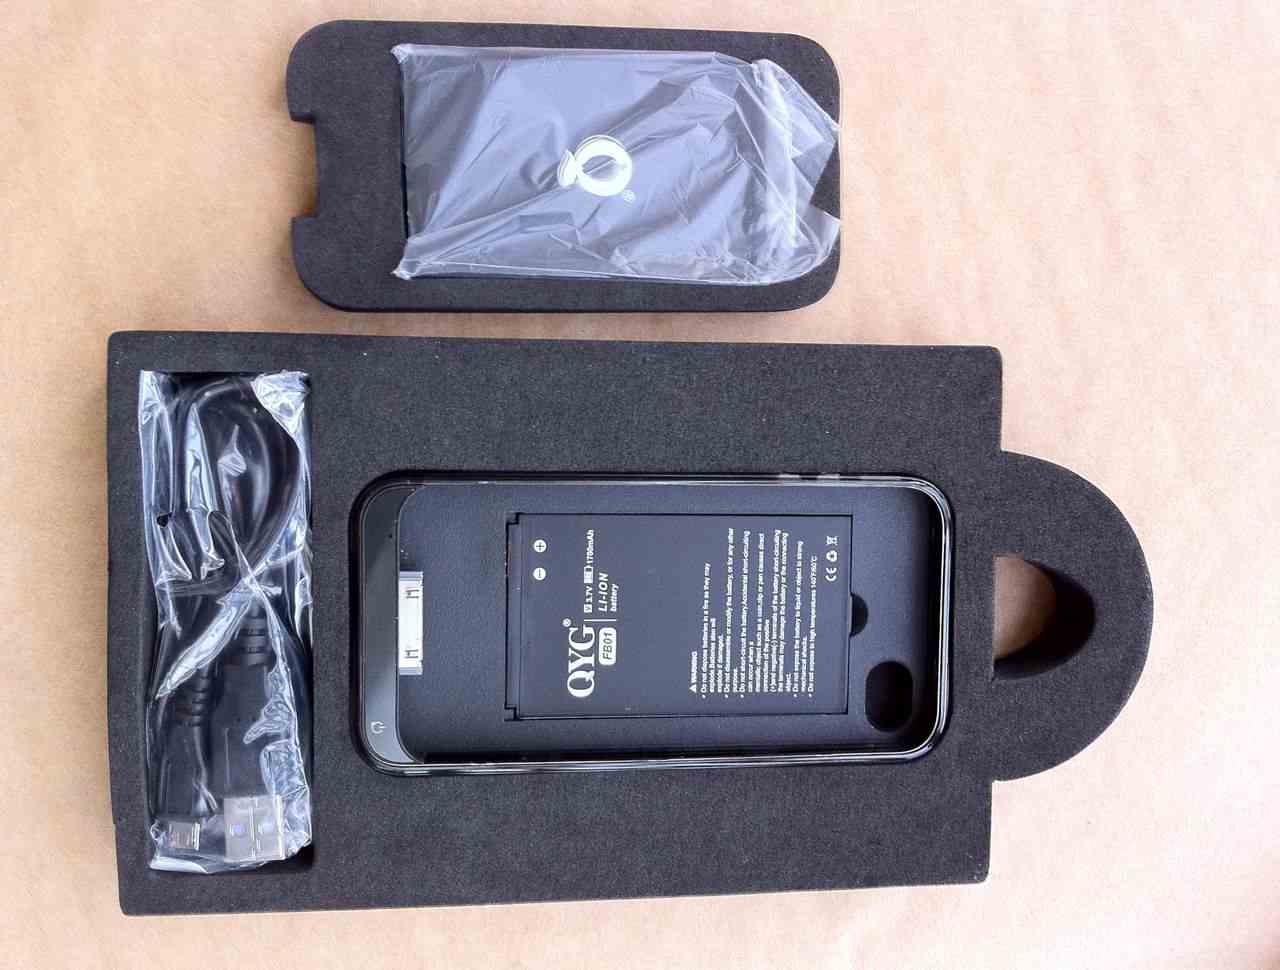 画像5: iPhone4 用バッテリーケース付き保護ケース